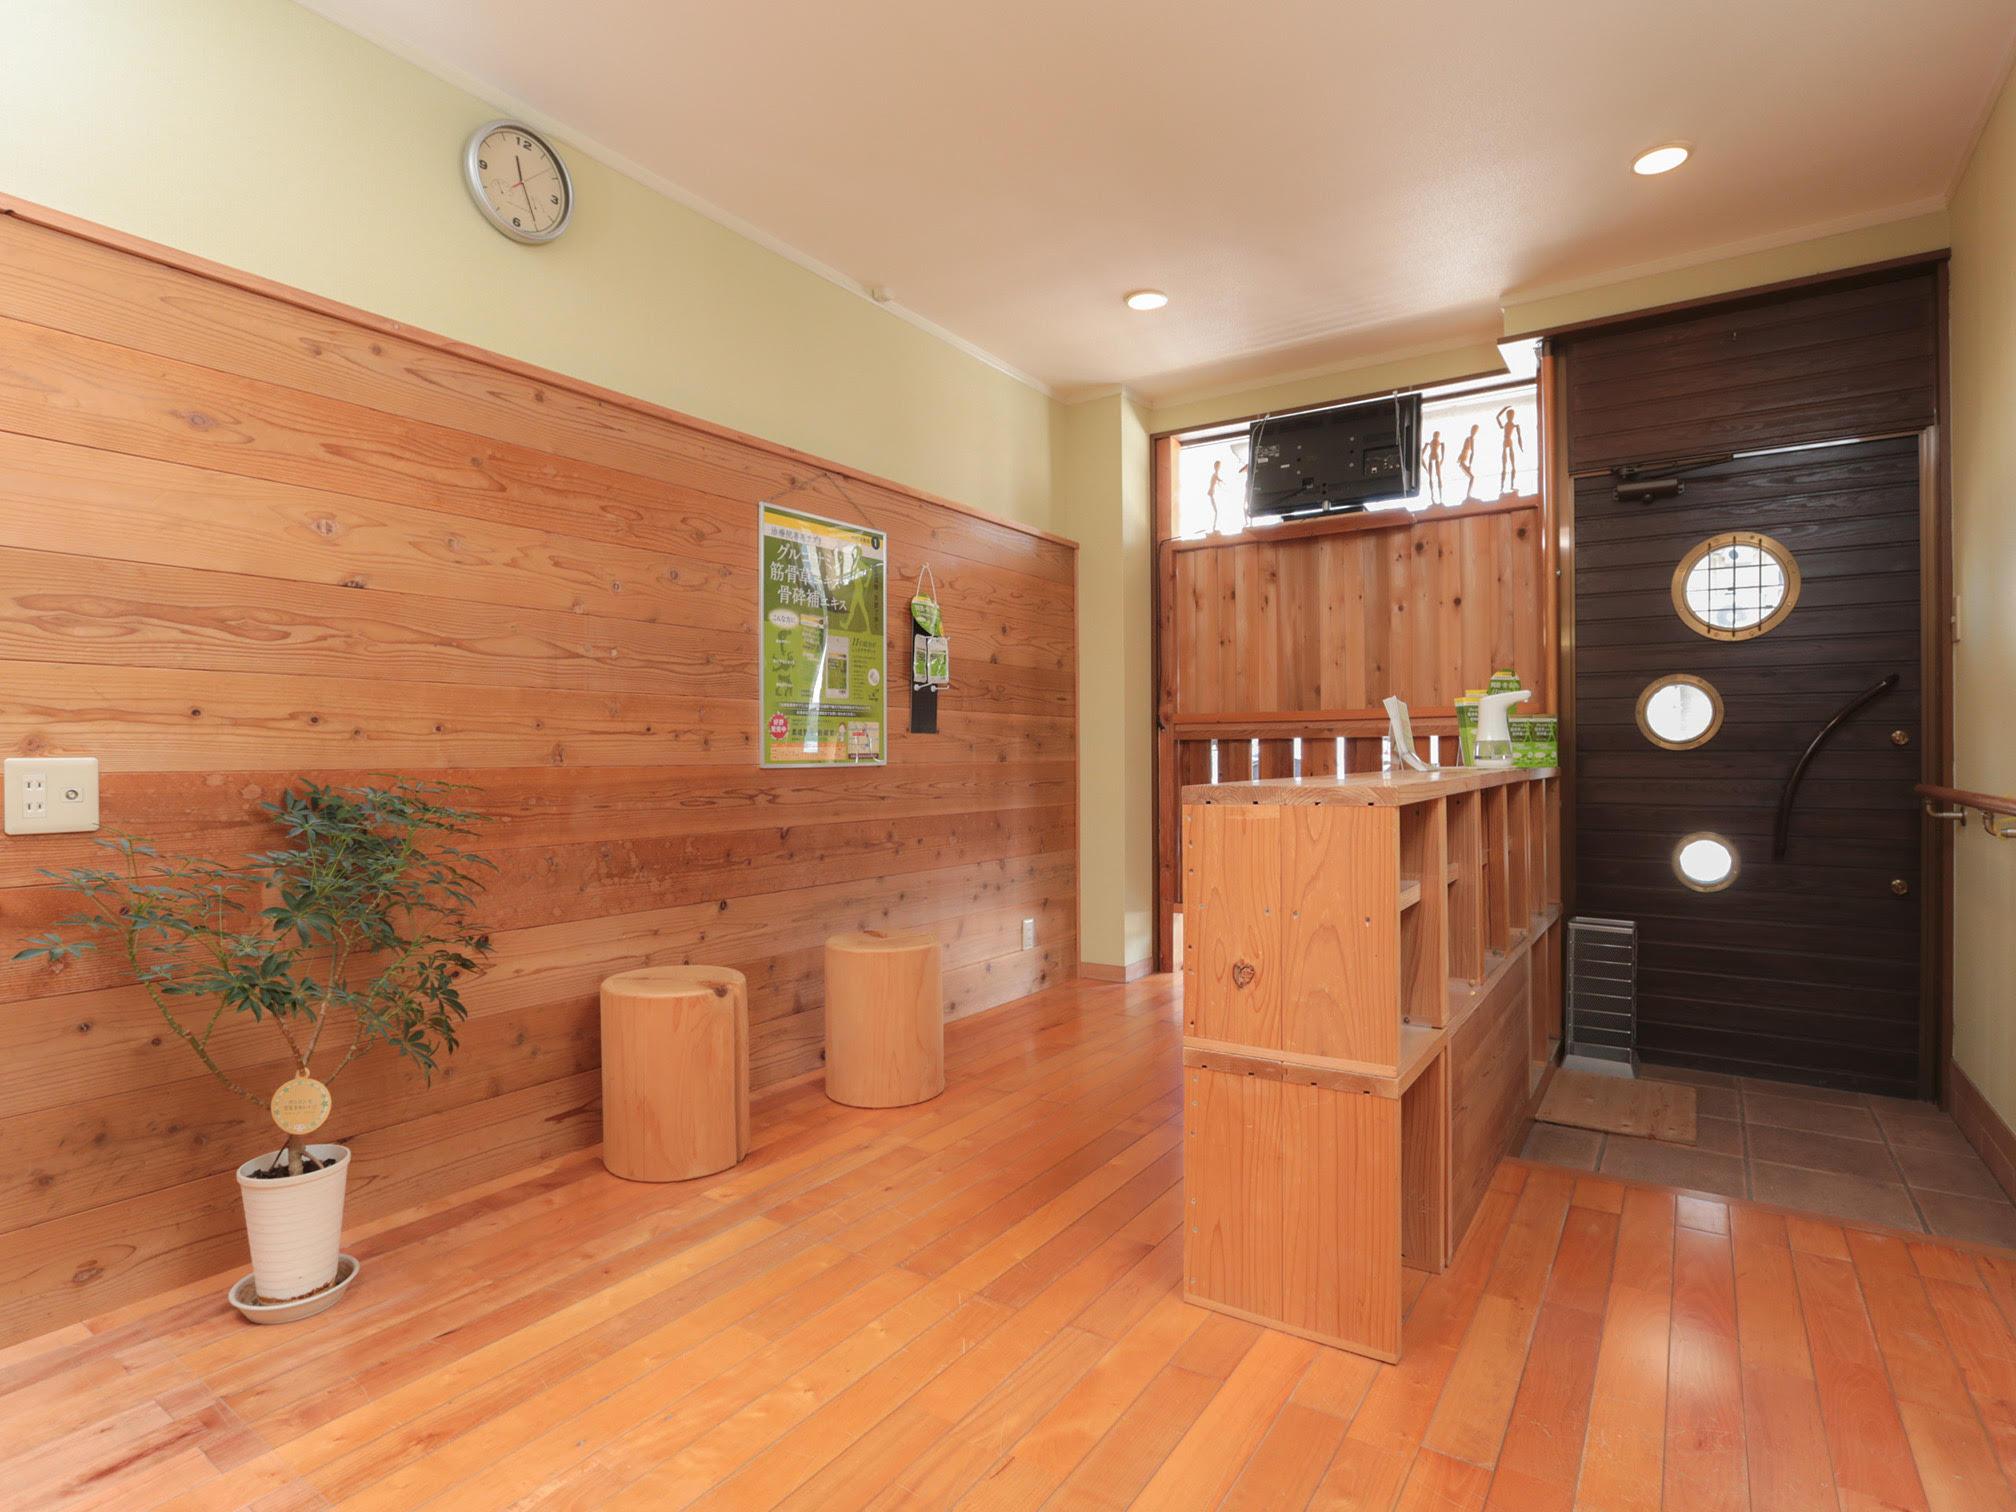 杉板に囲まれた癒される室内